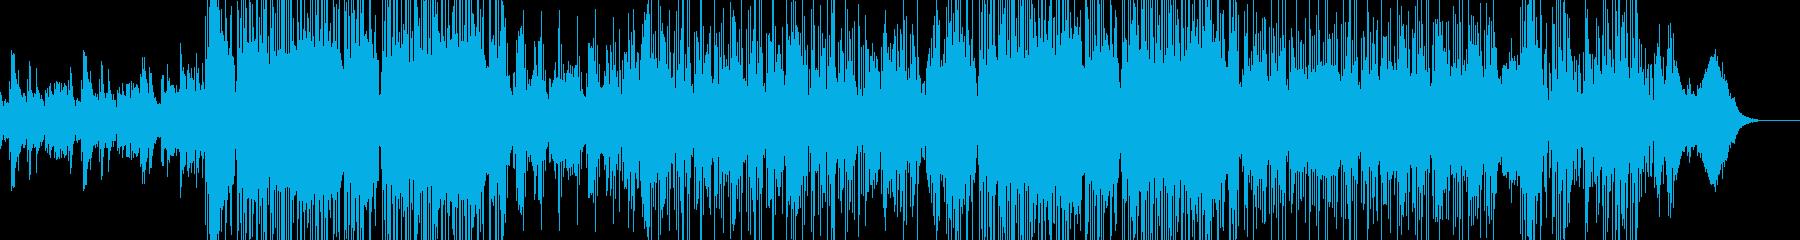 悲壮感漂うピアノメインのインストの再生済みの波形